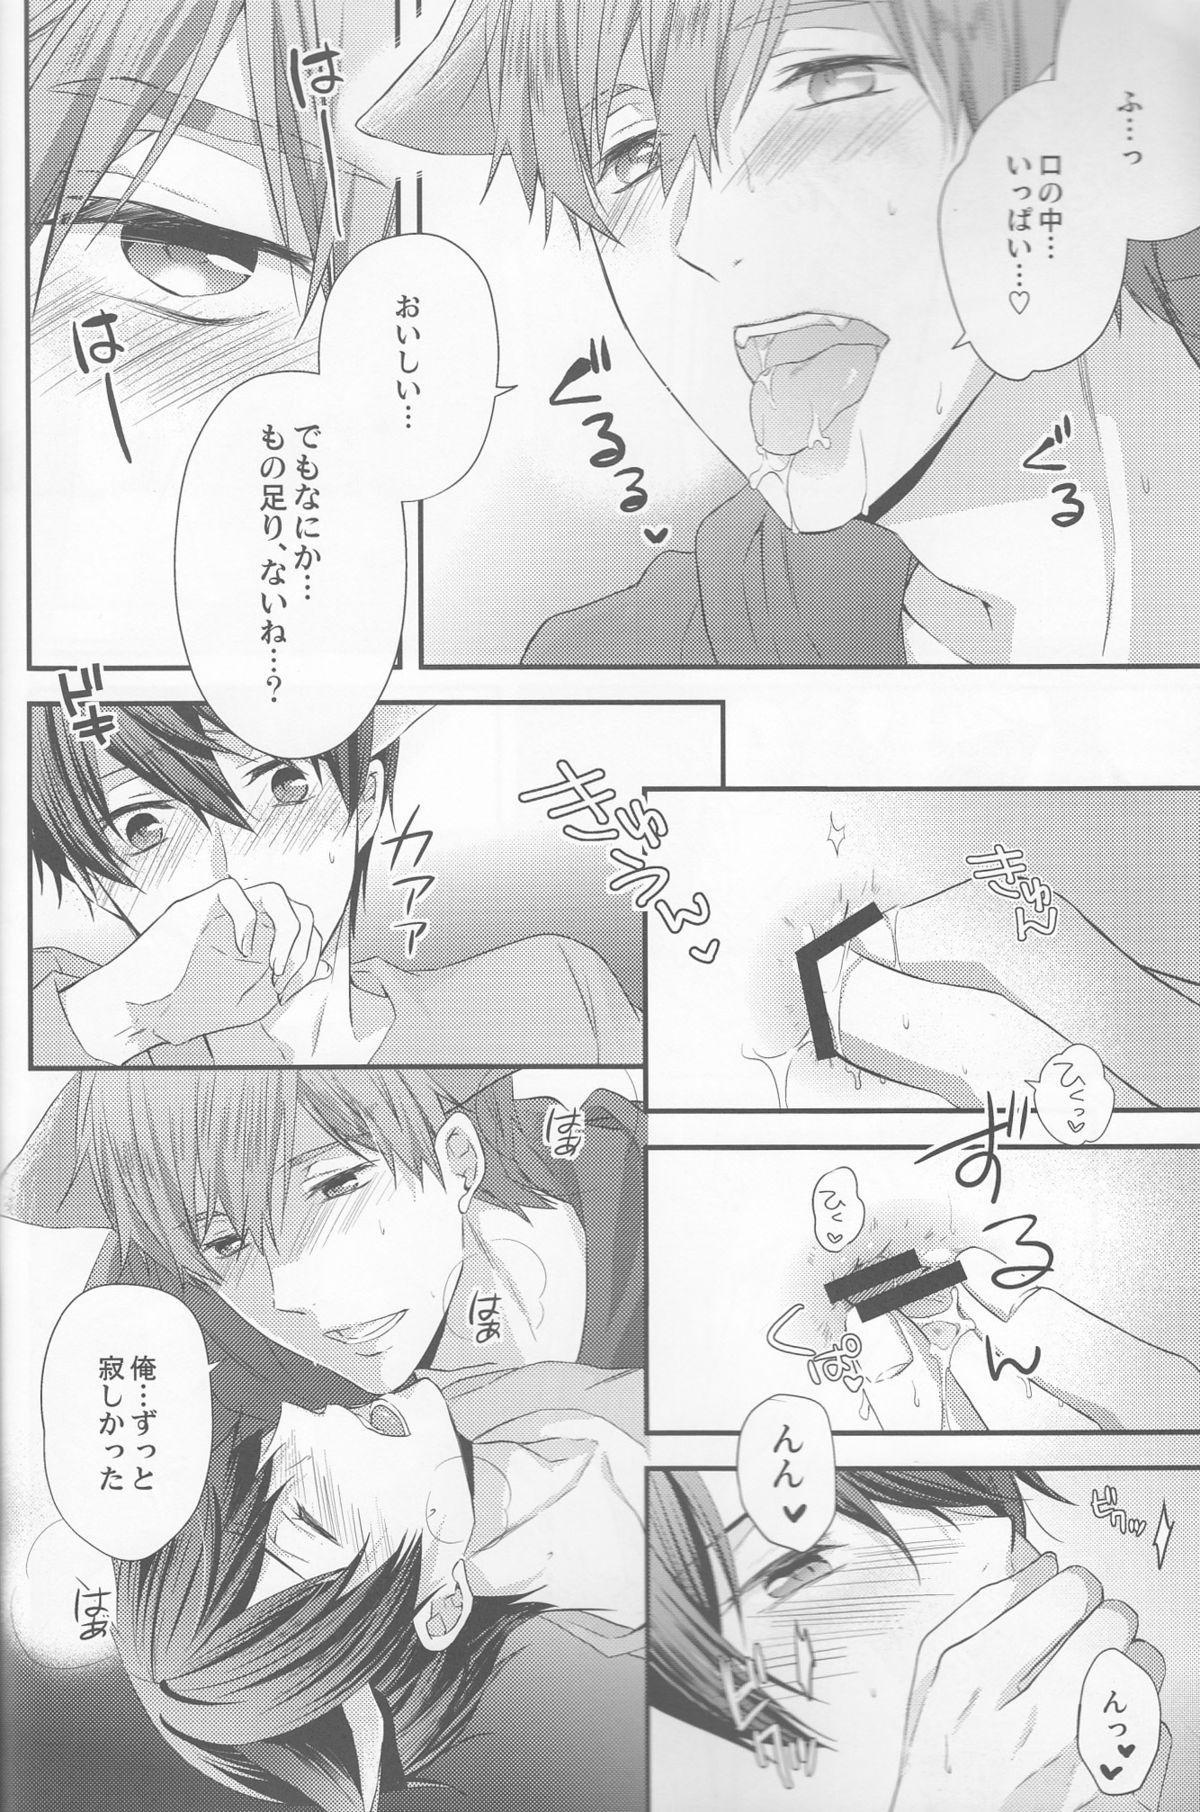 Kururu Kururu to Nodo ga Nari 14